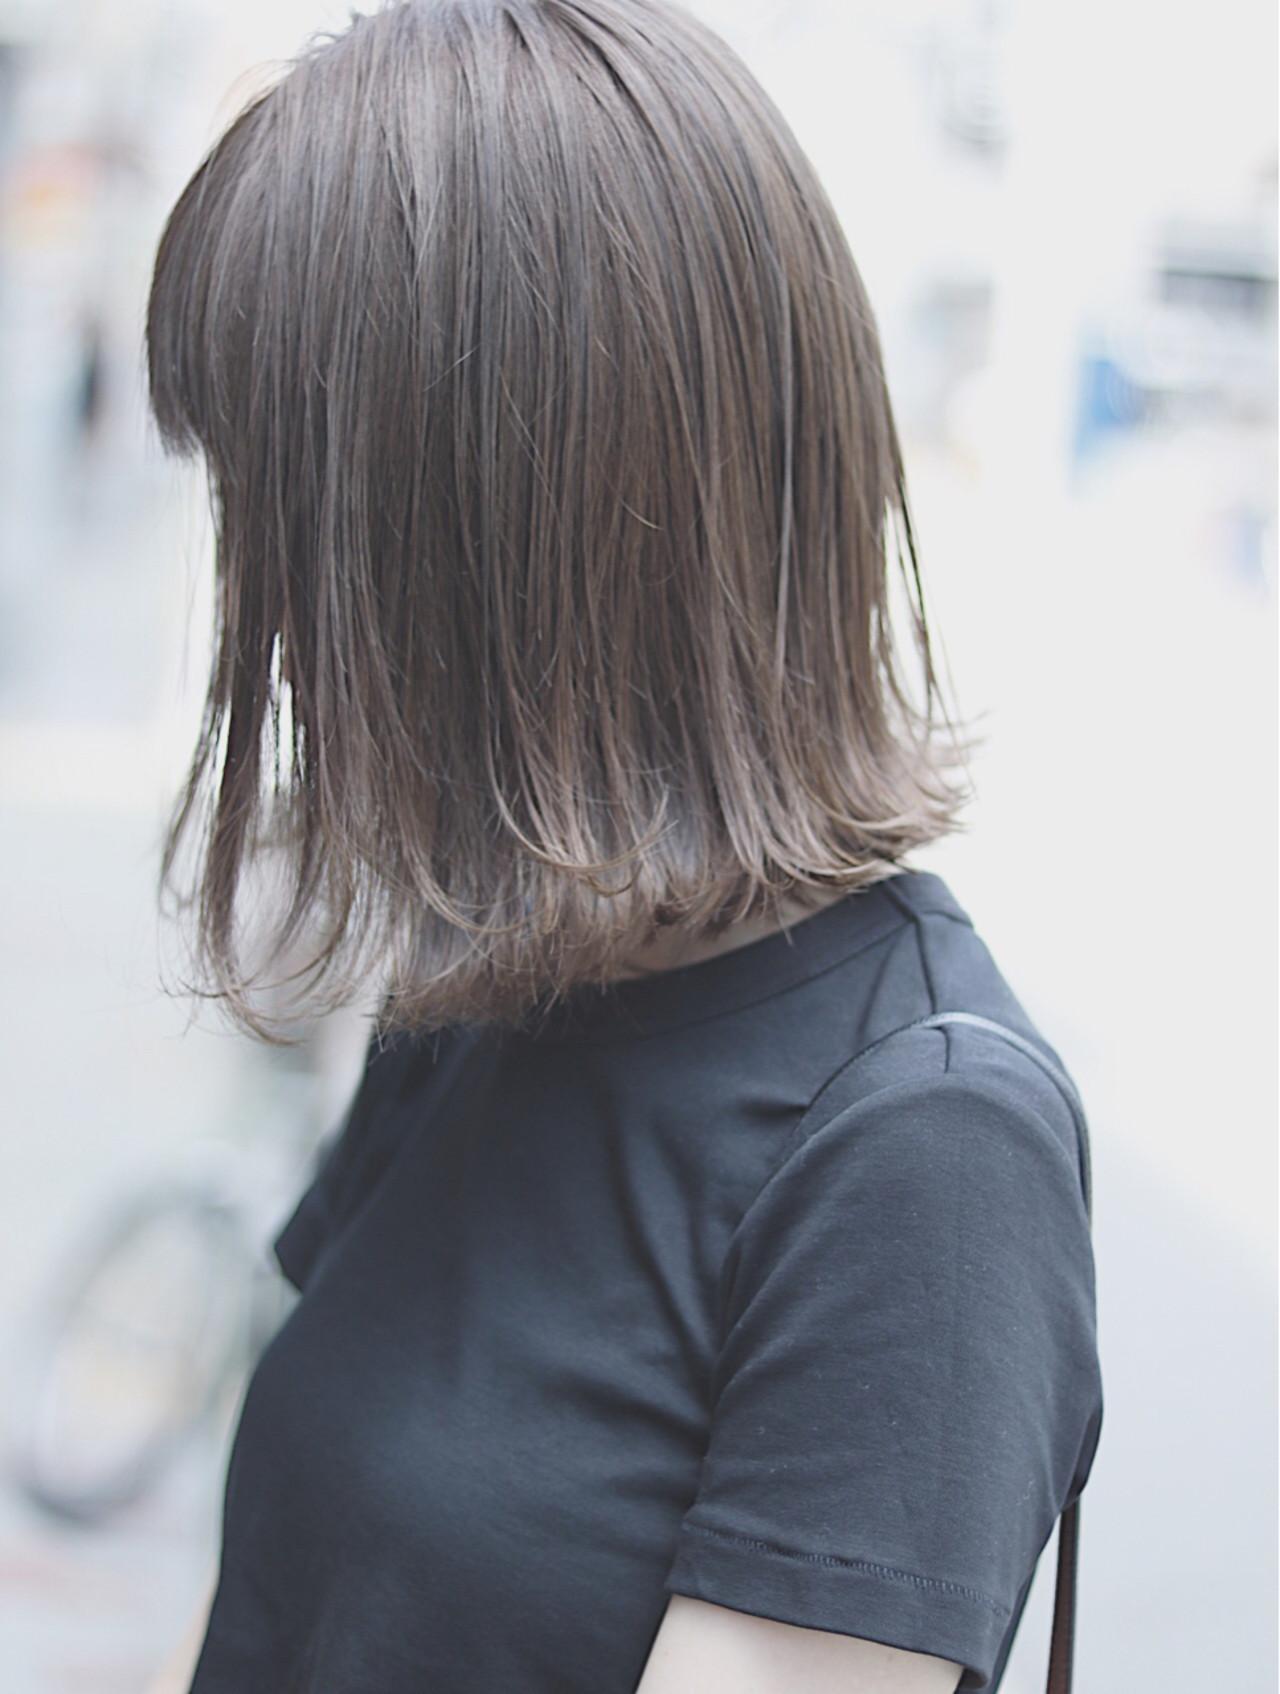 髪の量が多い、硬いと失敗しやすい? 首藤慎吾 | airfeel